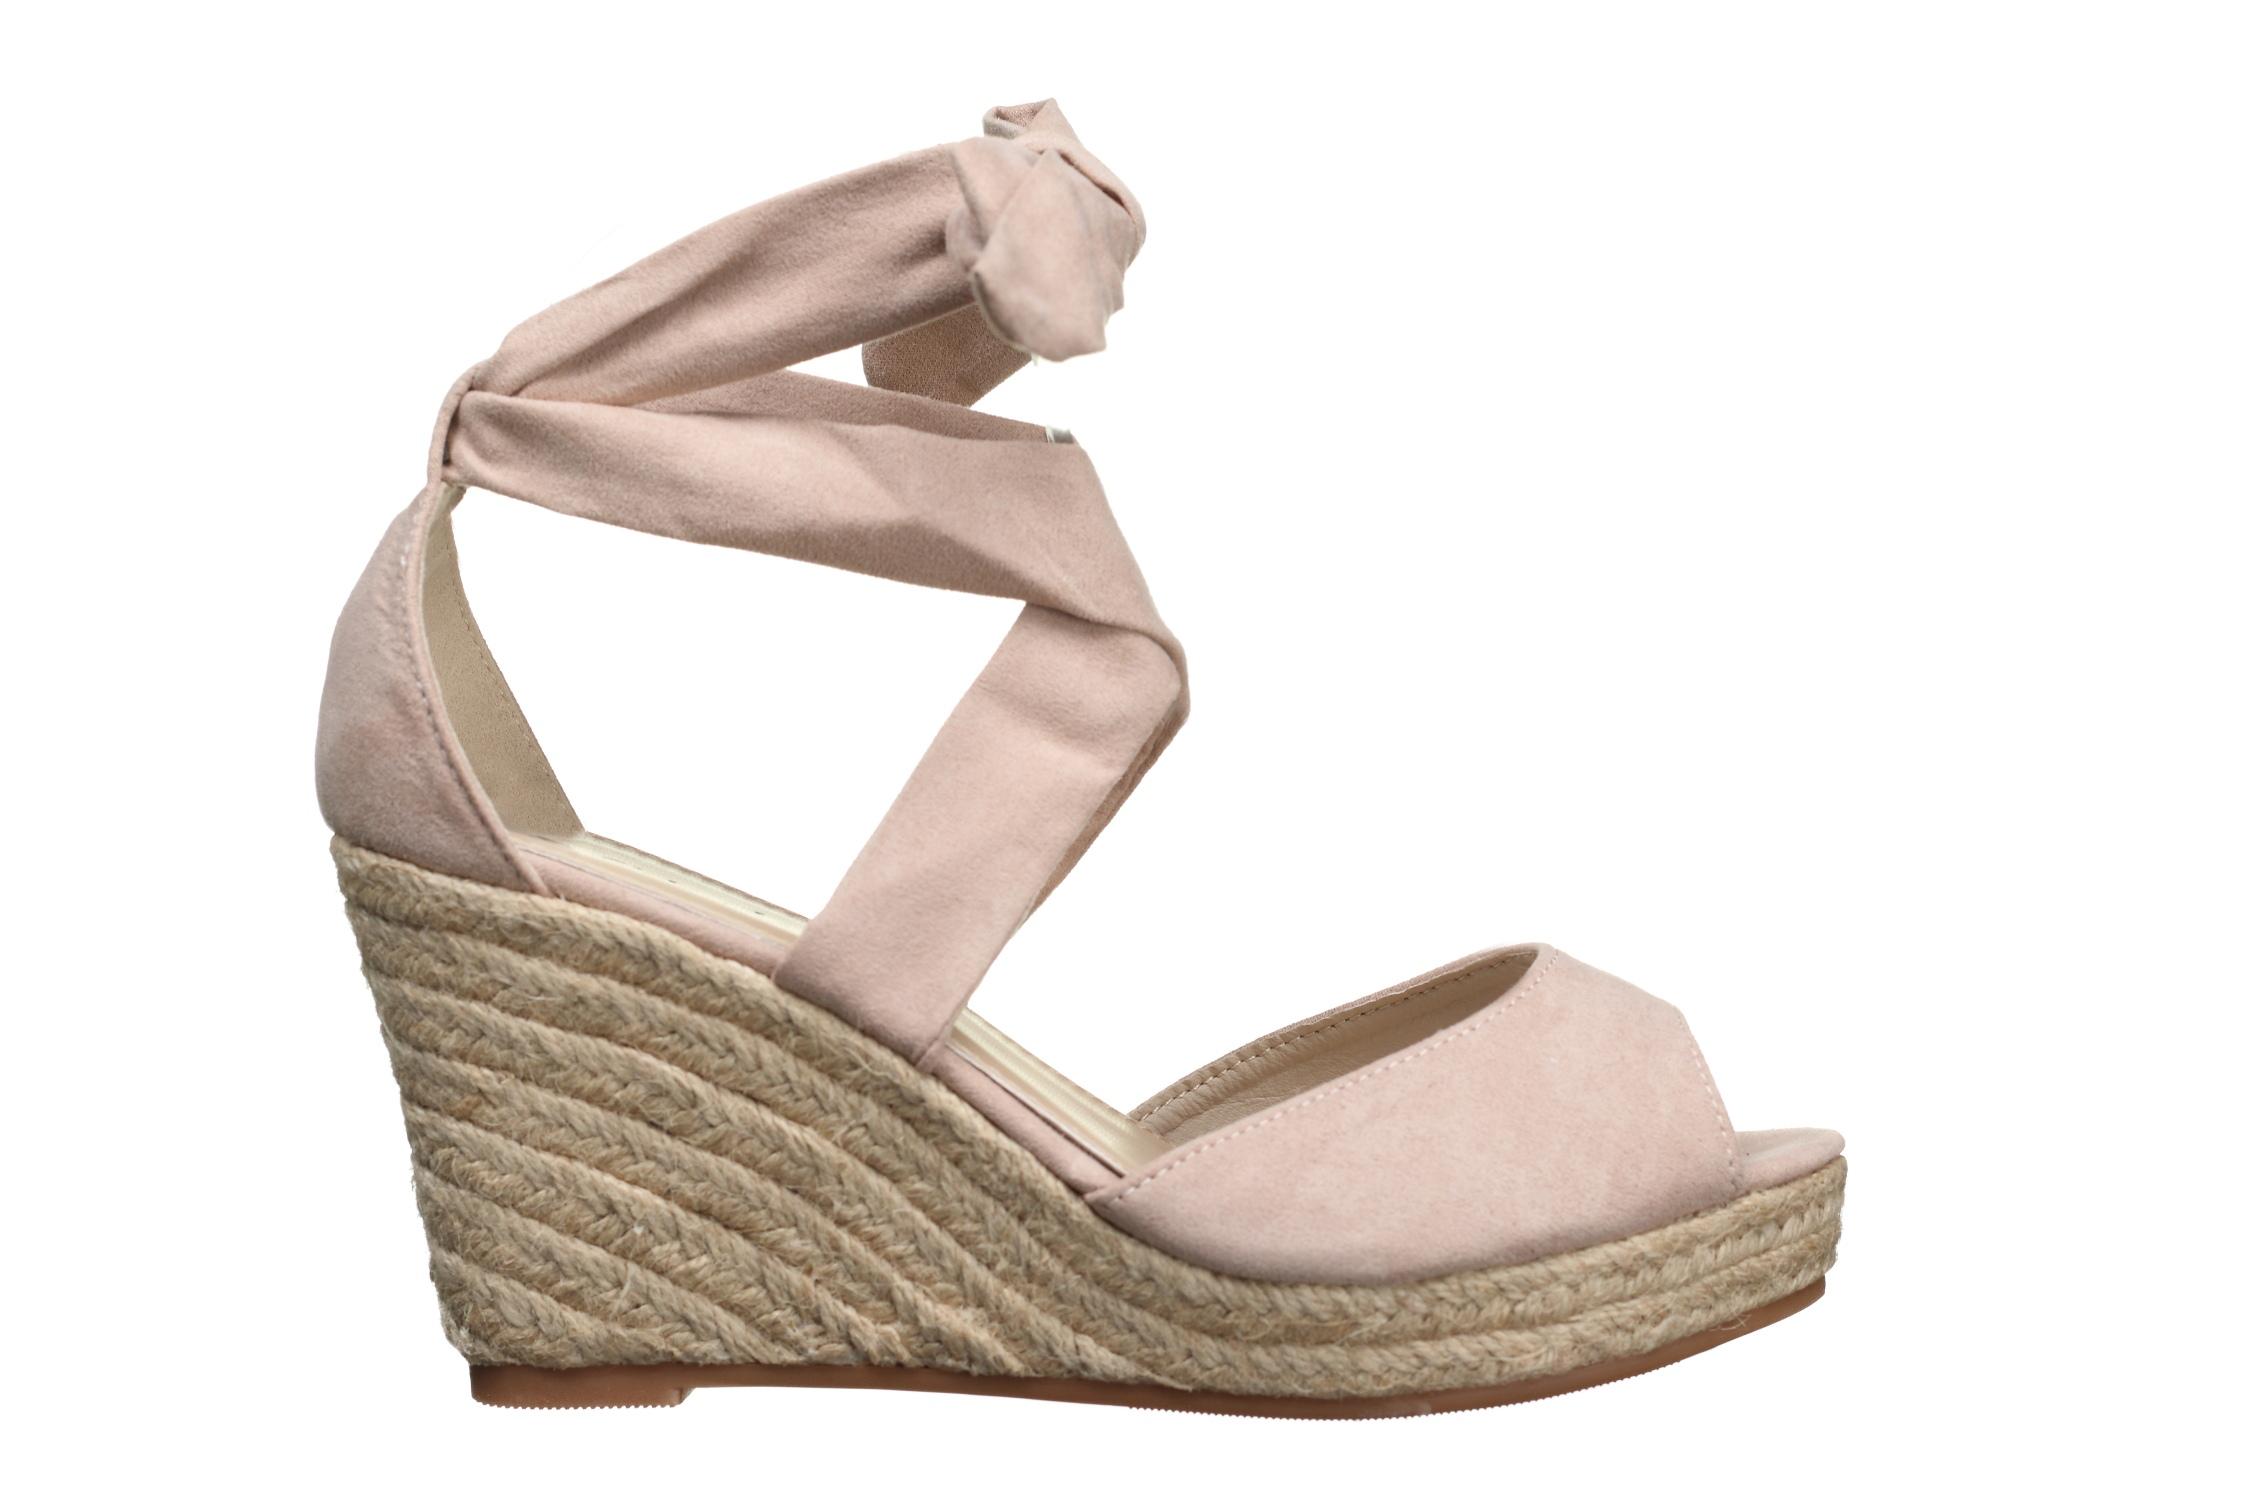 https://www.leadermode.com/202350/lily-shoes-183-beige.jpg